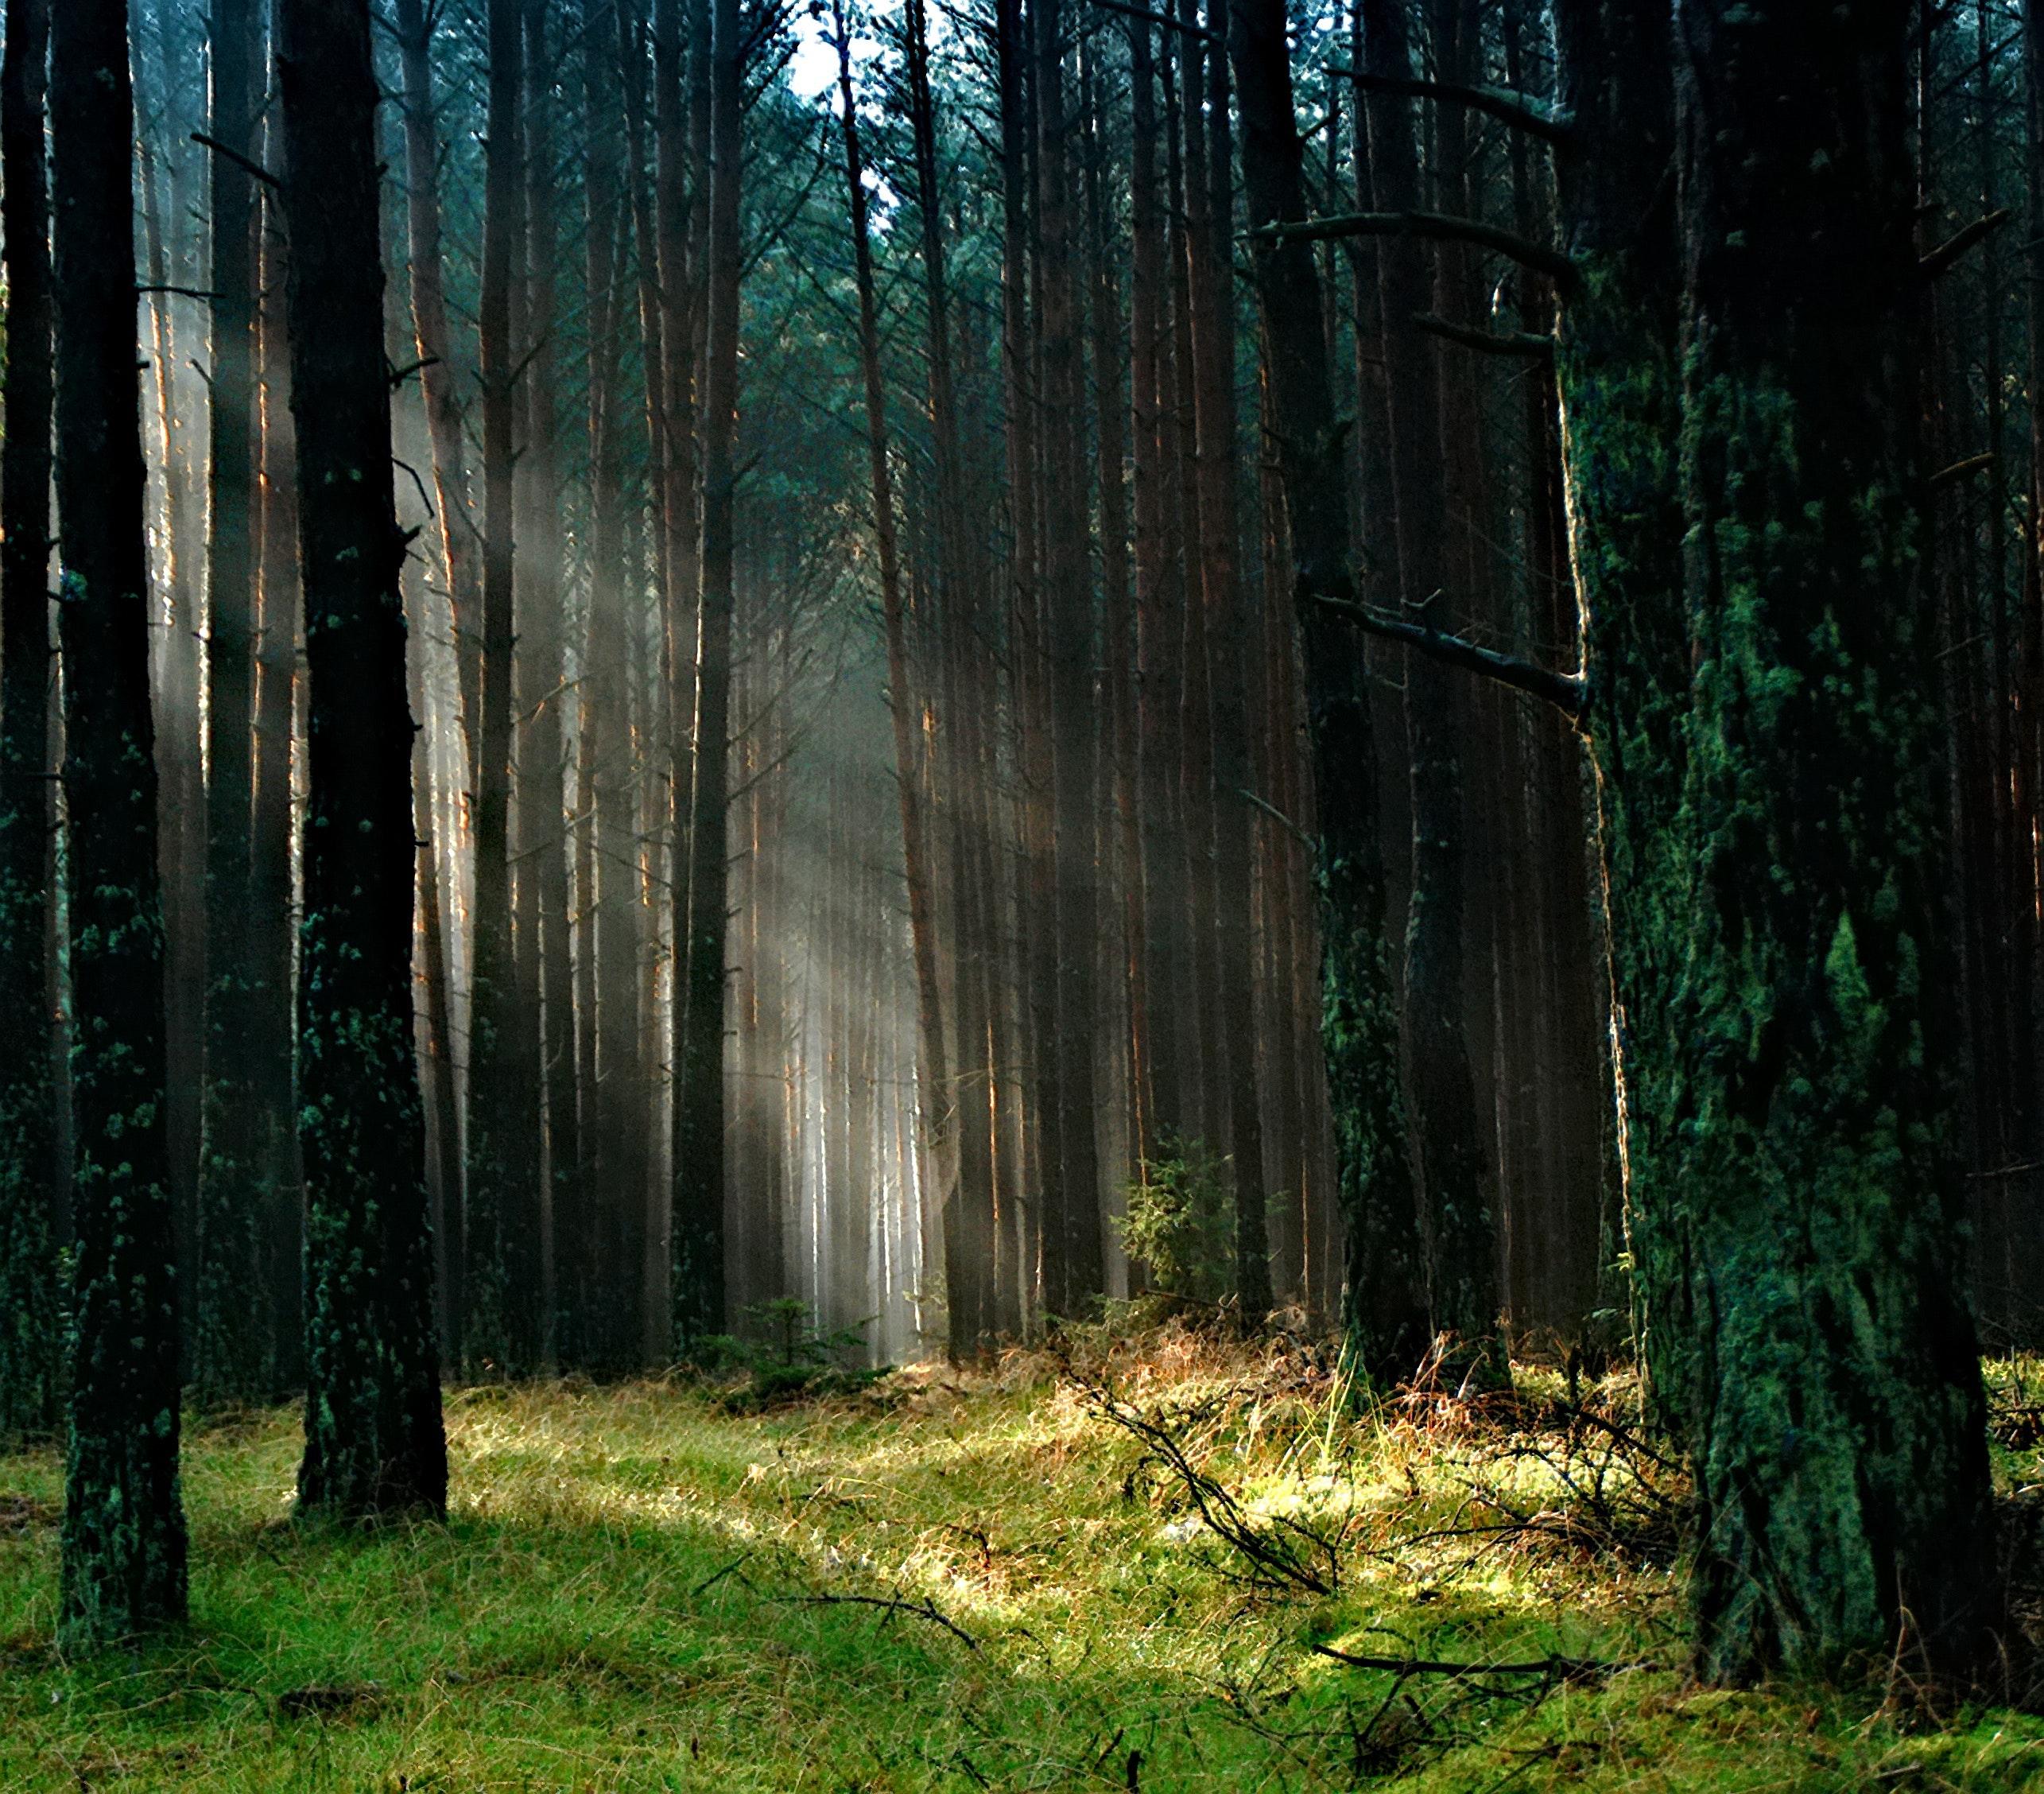 forest-grass-nature-158251.jpg